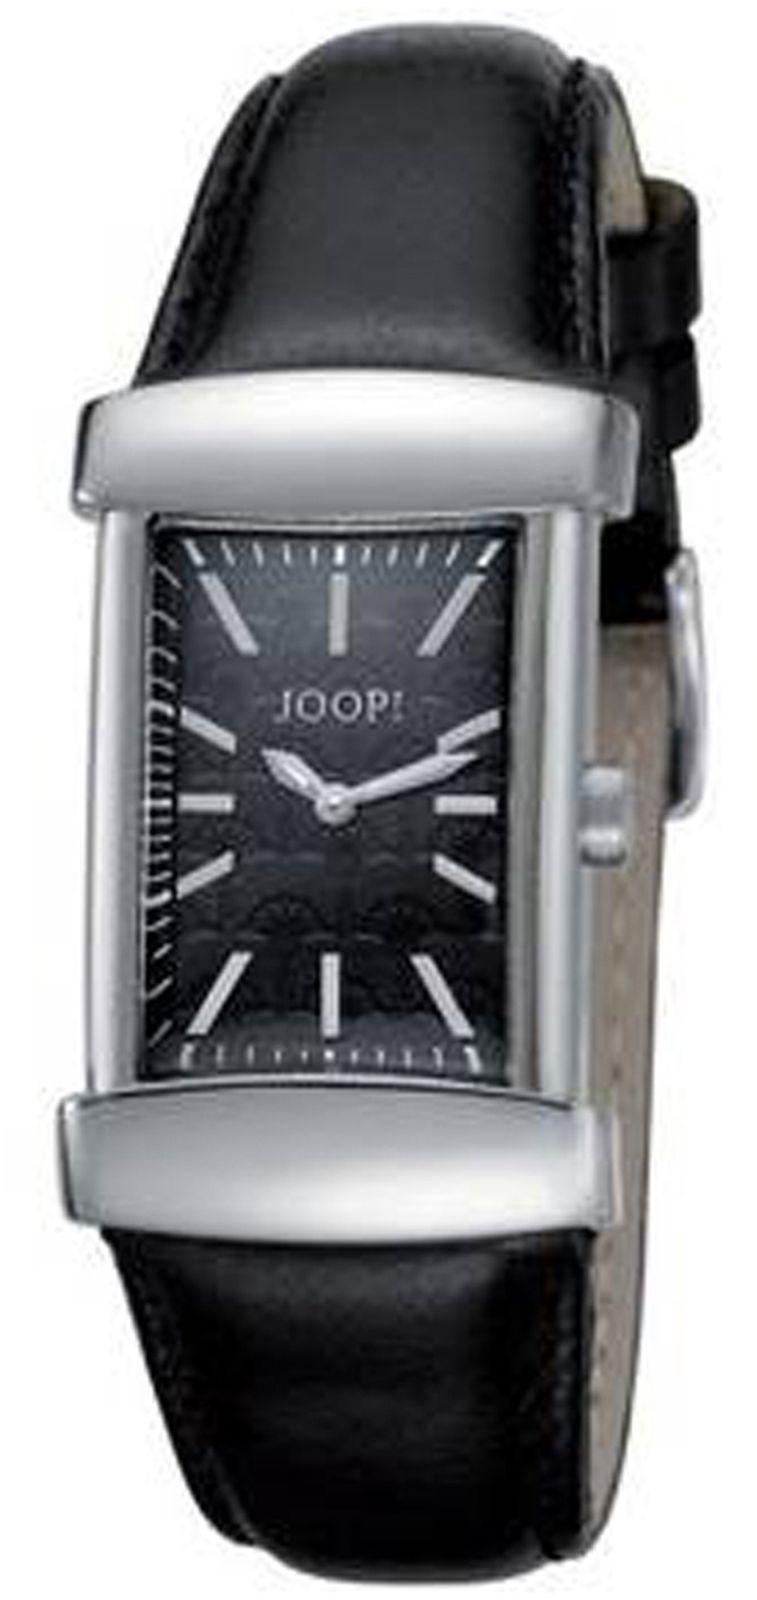 Наручные часы JOOP! женские, черный